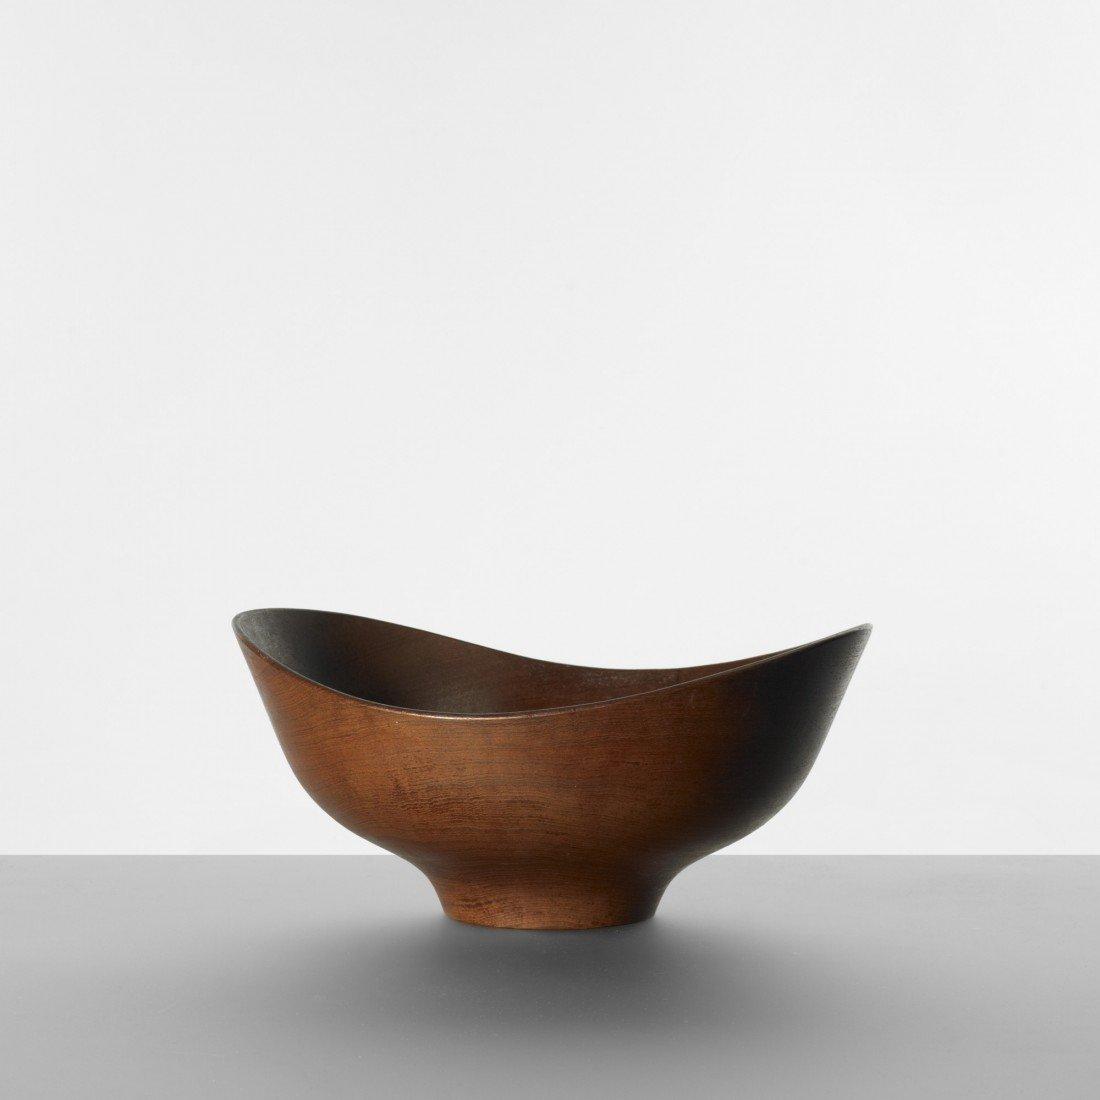 196: Finn Juhl bowl